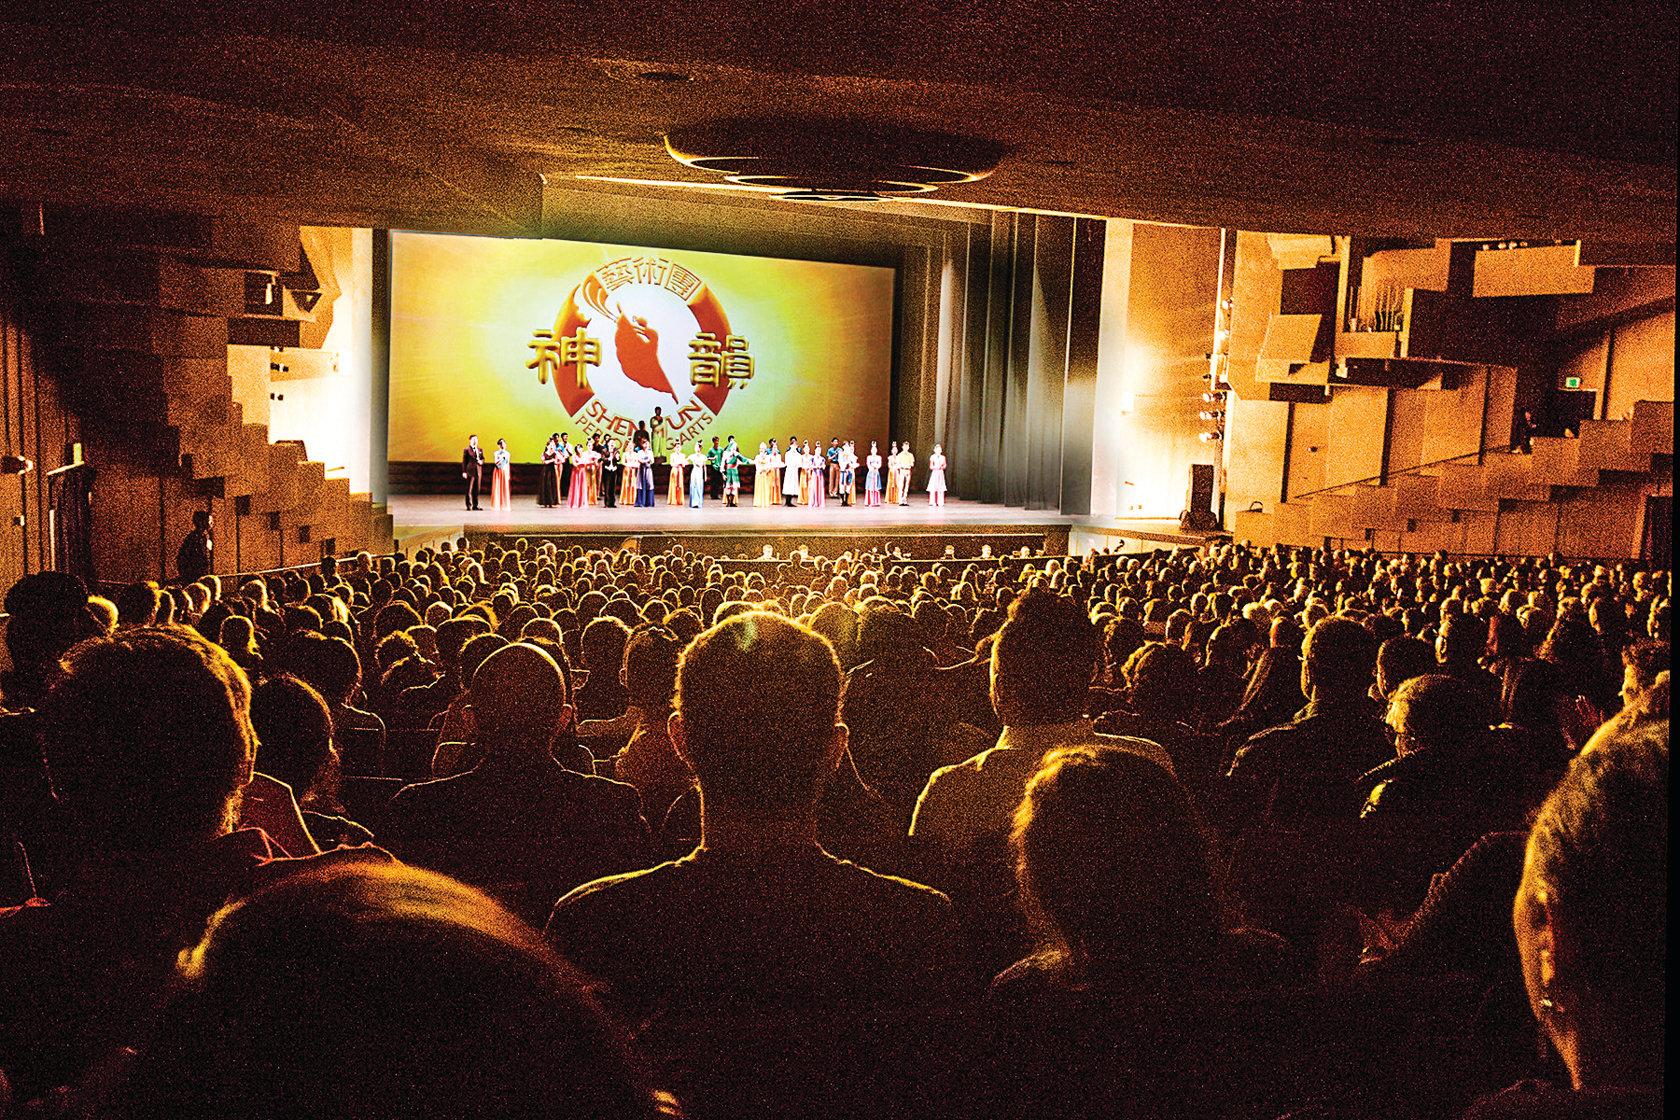 12月16日下午,神韻紐約藝術團在加州大學伯克萊分校澤勒巴克館進行了第六場演出,當天一票難求。(周容/大紀元)